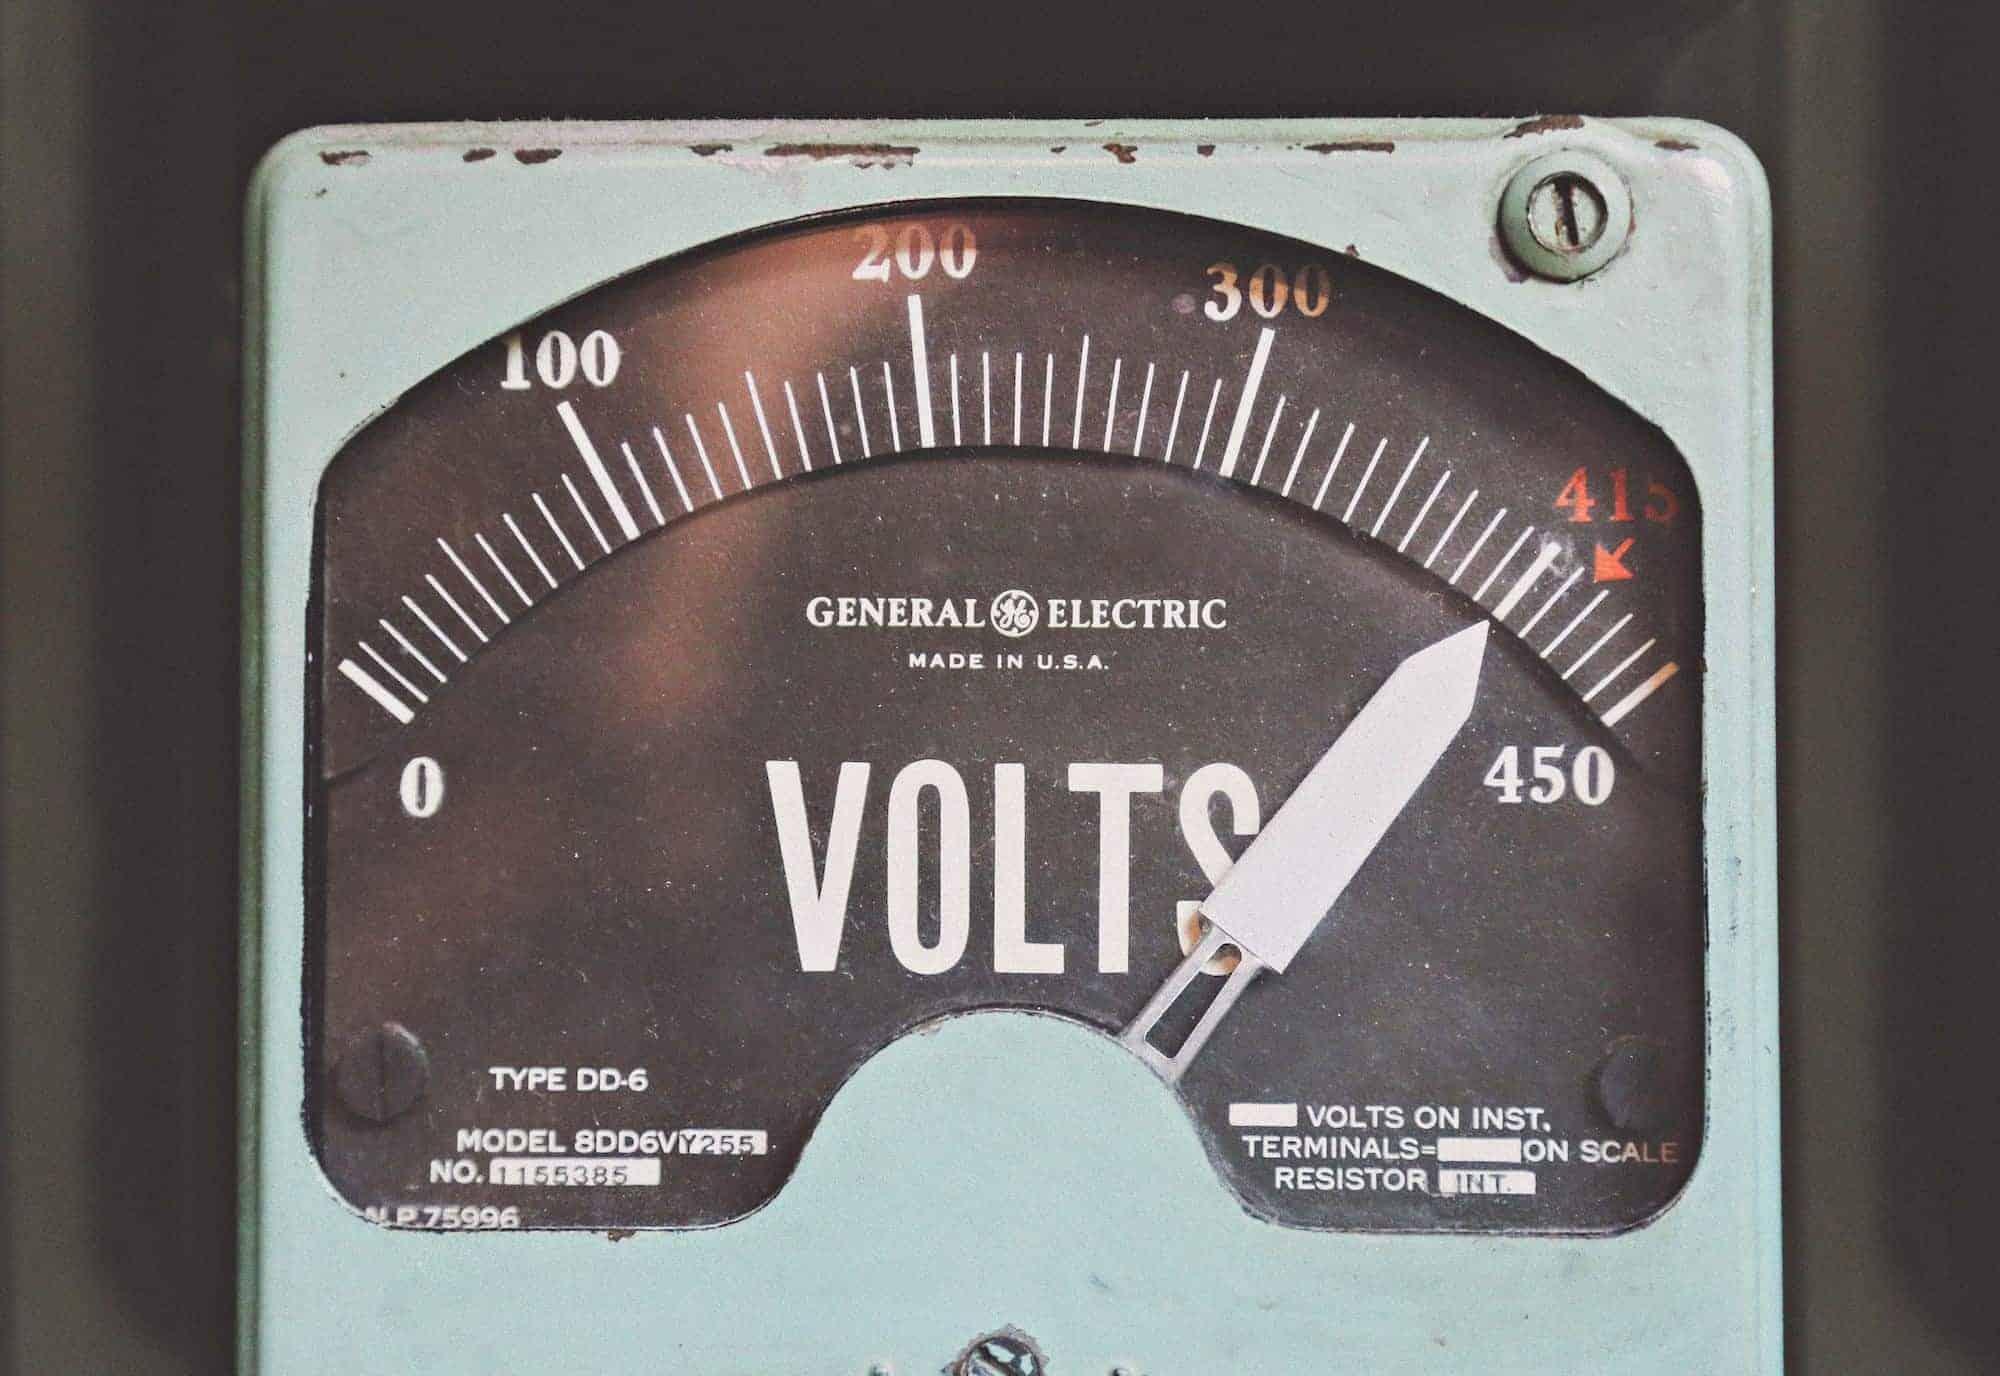 Voltmeter - measuring instrument